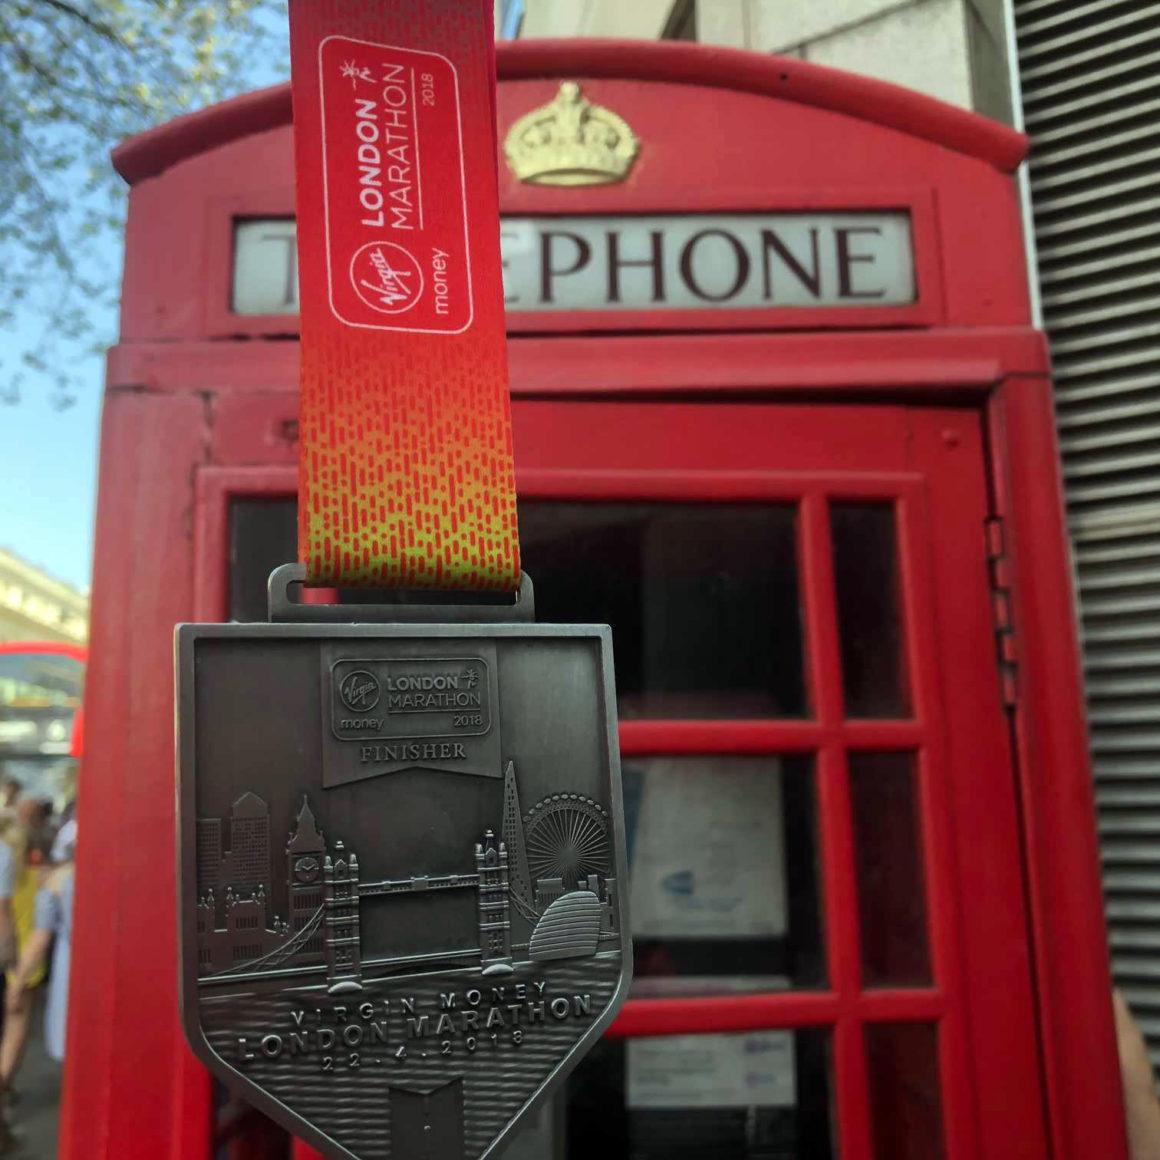 maratón de Londres maratón de londres - london marathon maraton de londres 2019 12 1160x1160 - Correr el Maratón de Londres: análisis, recorrido y recomendaciones de viaje.